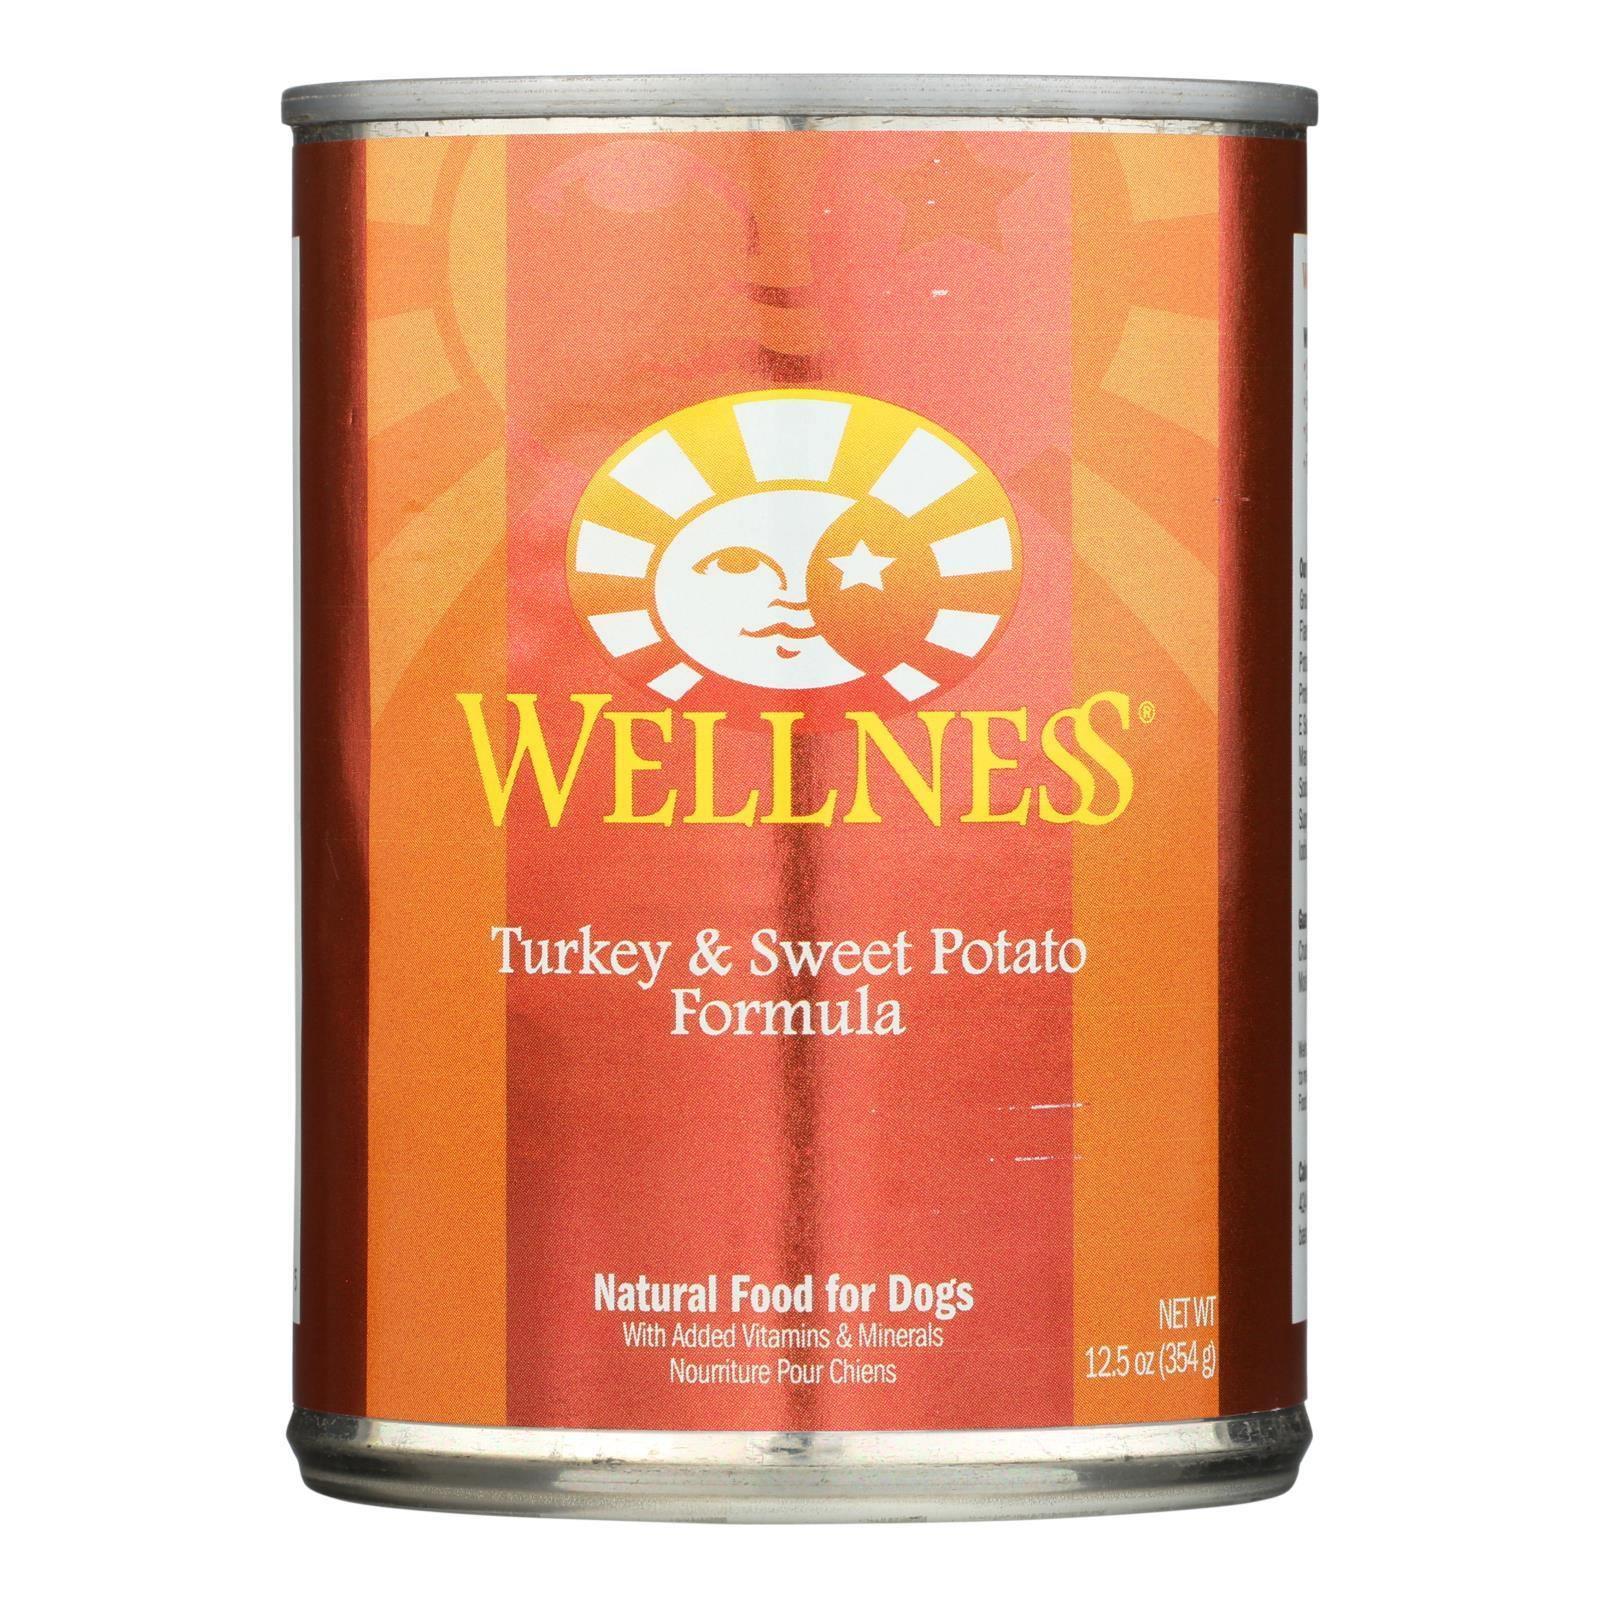 Wellness Turkey & Sweet Potato Canned Dog Food (12x12.5 Oz)